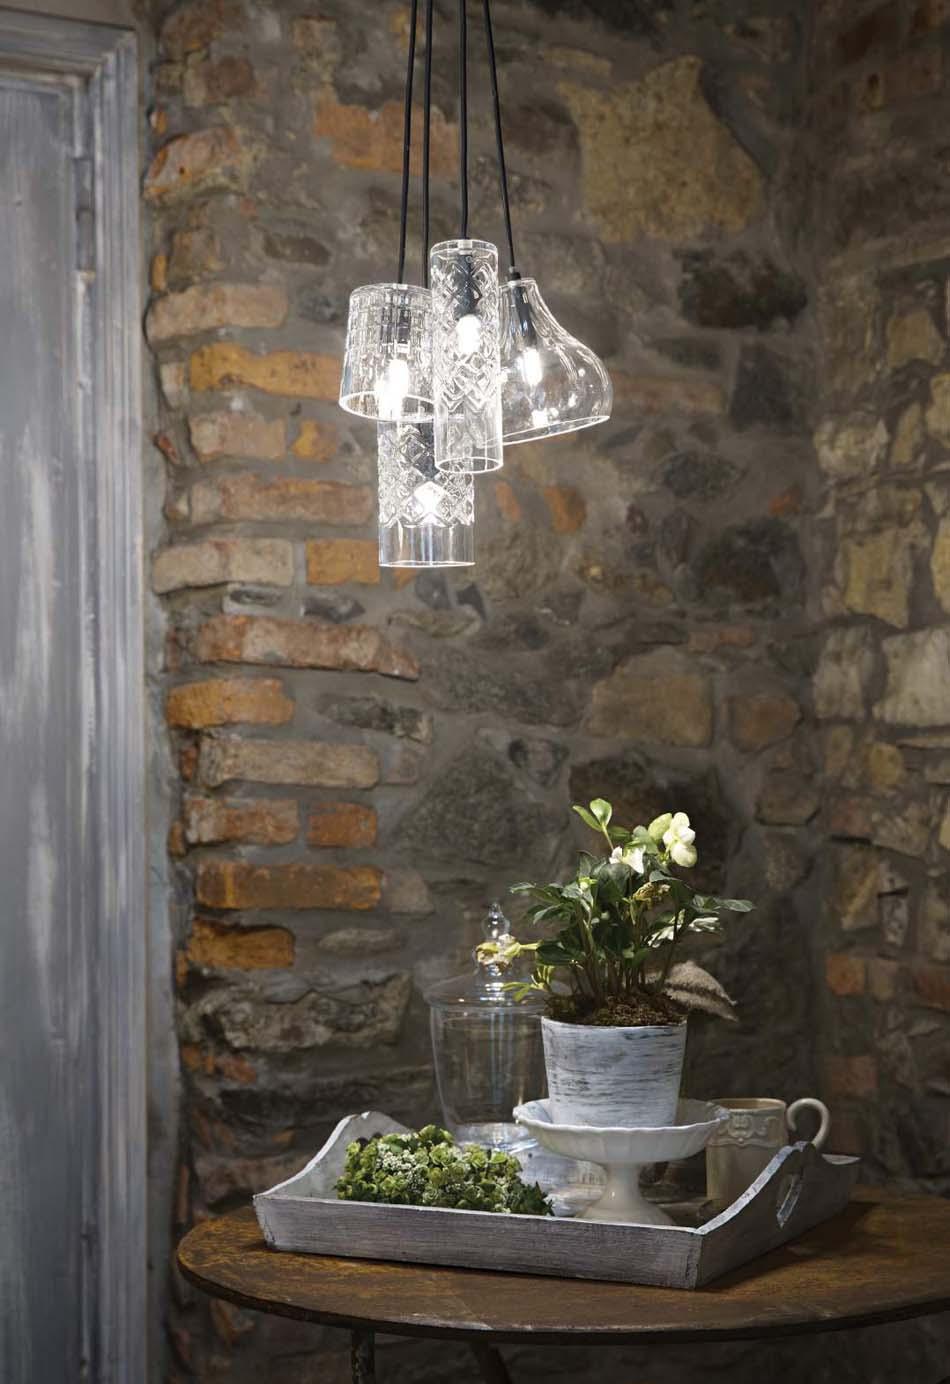 Lampade sospese Ideal Lux cognac – Toscana Arredamenti